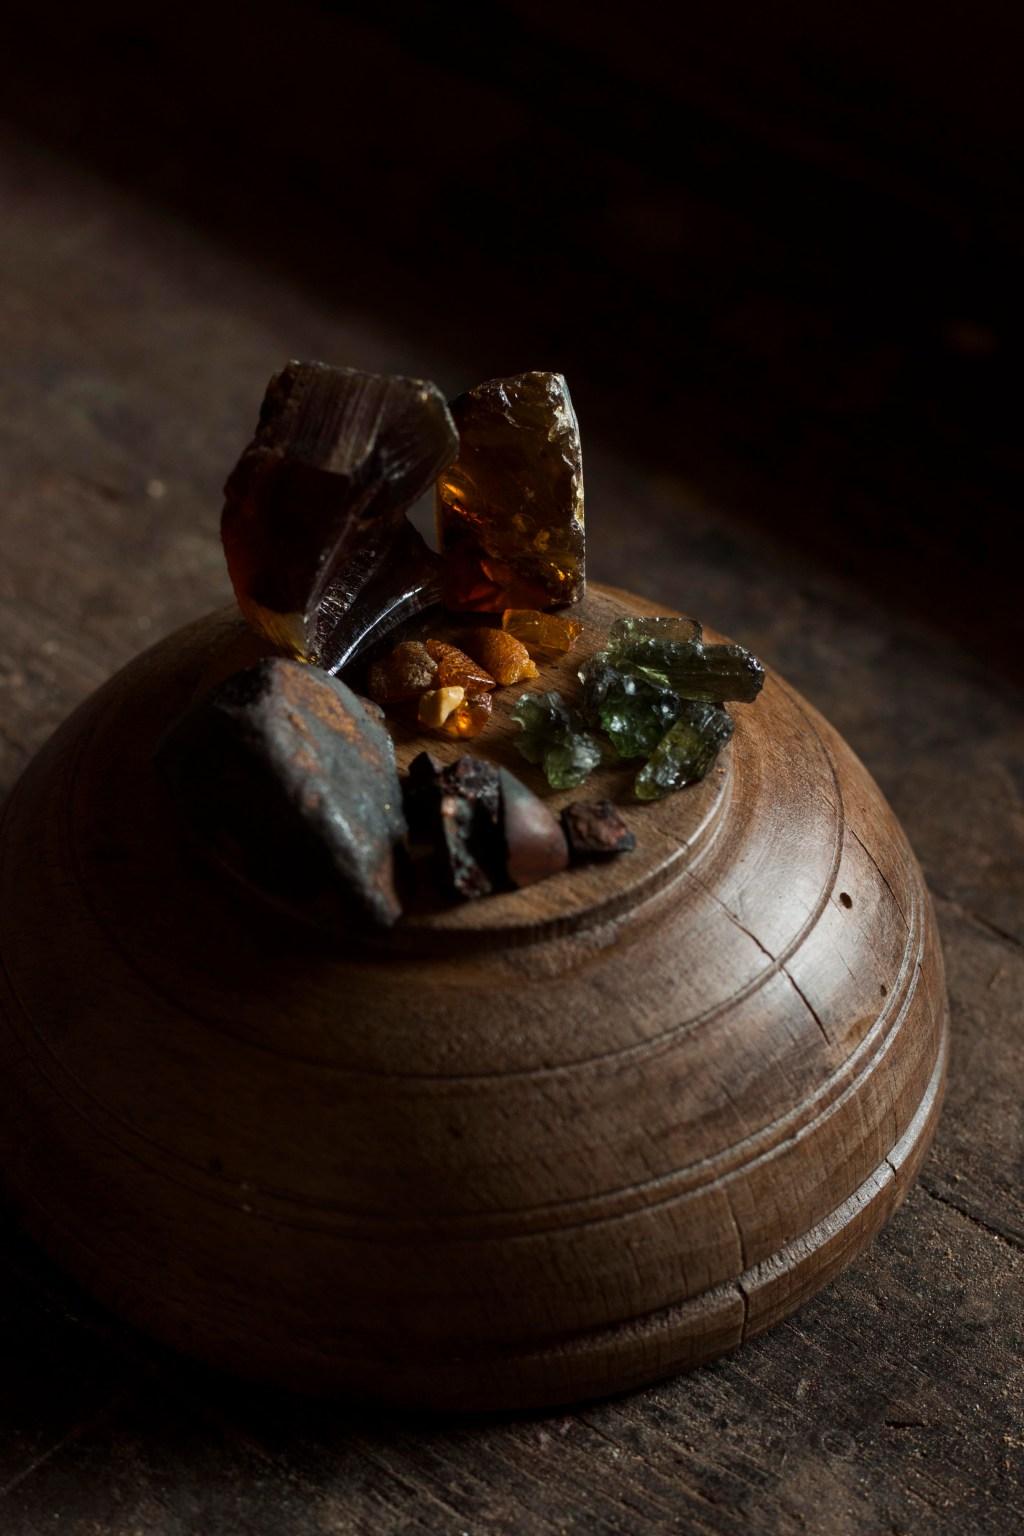 ambre-moldavite-météorite-upcycling-artisanat-francais-ecologique-missive-to-bears-lettre-aux-ours